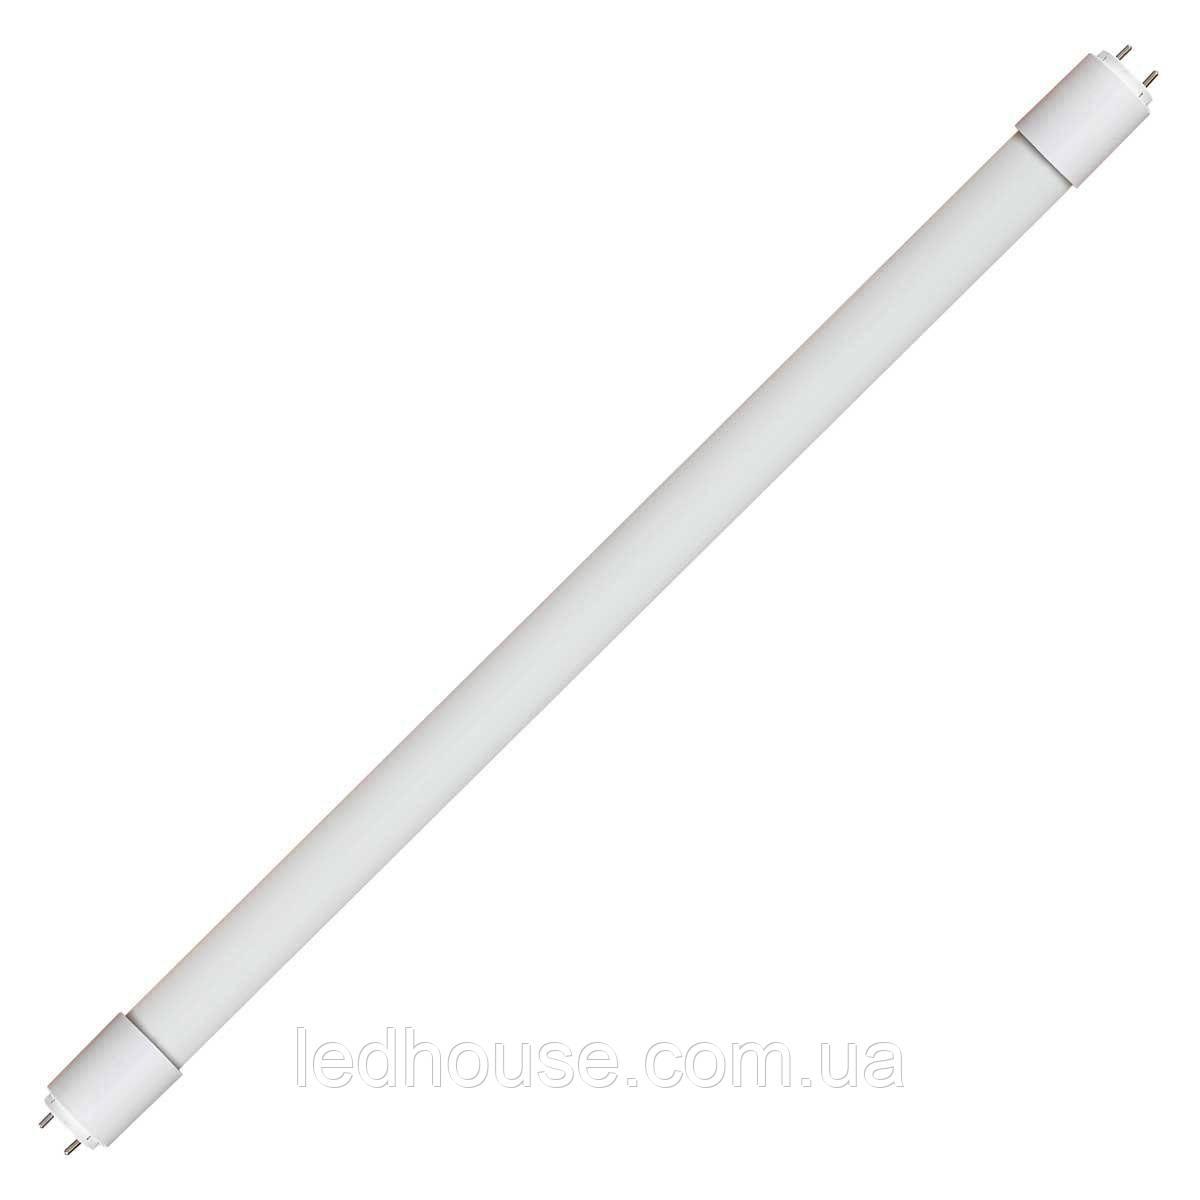 Светодиодная лампа Biom T8-GL-1200-16W CW 6200К G13 стекло матовое